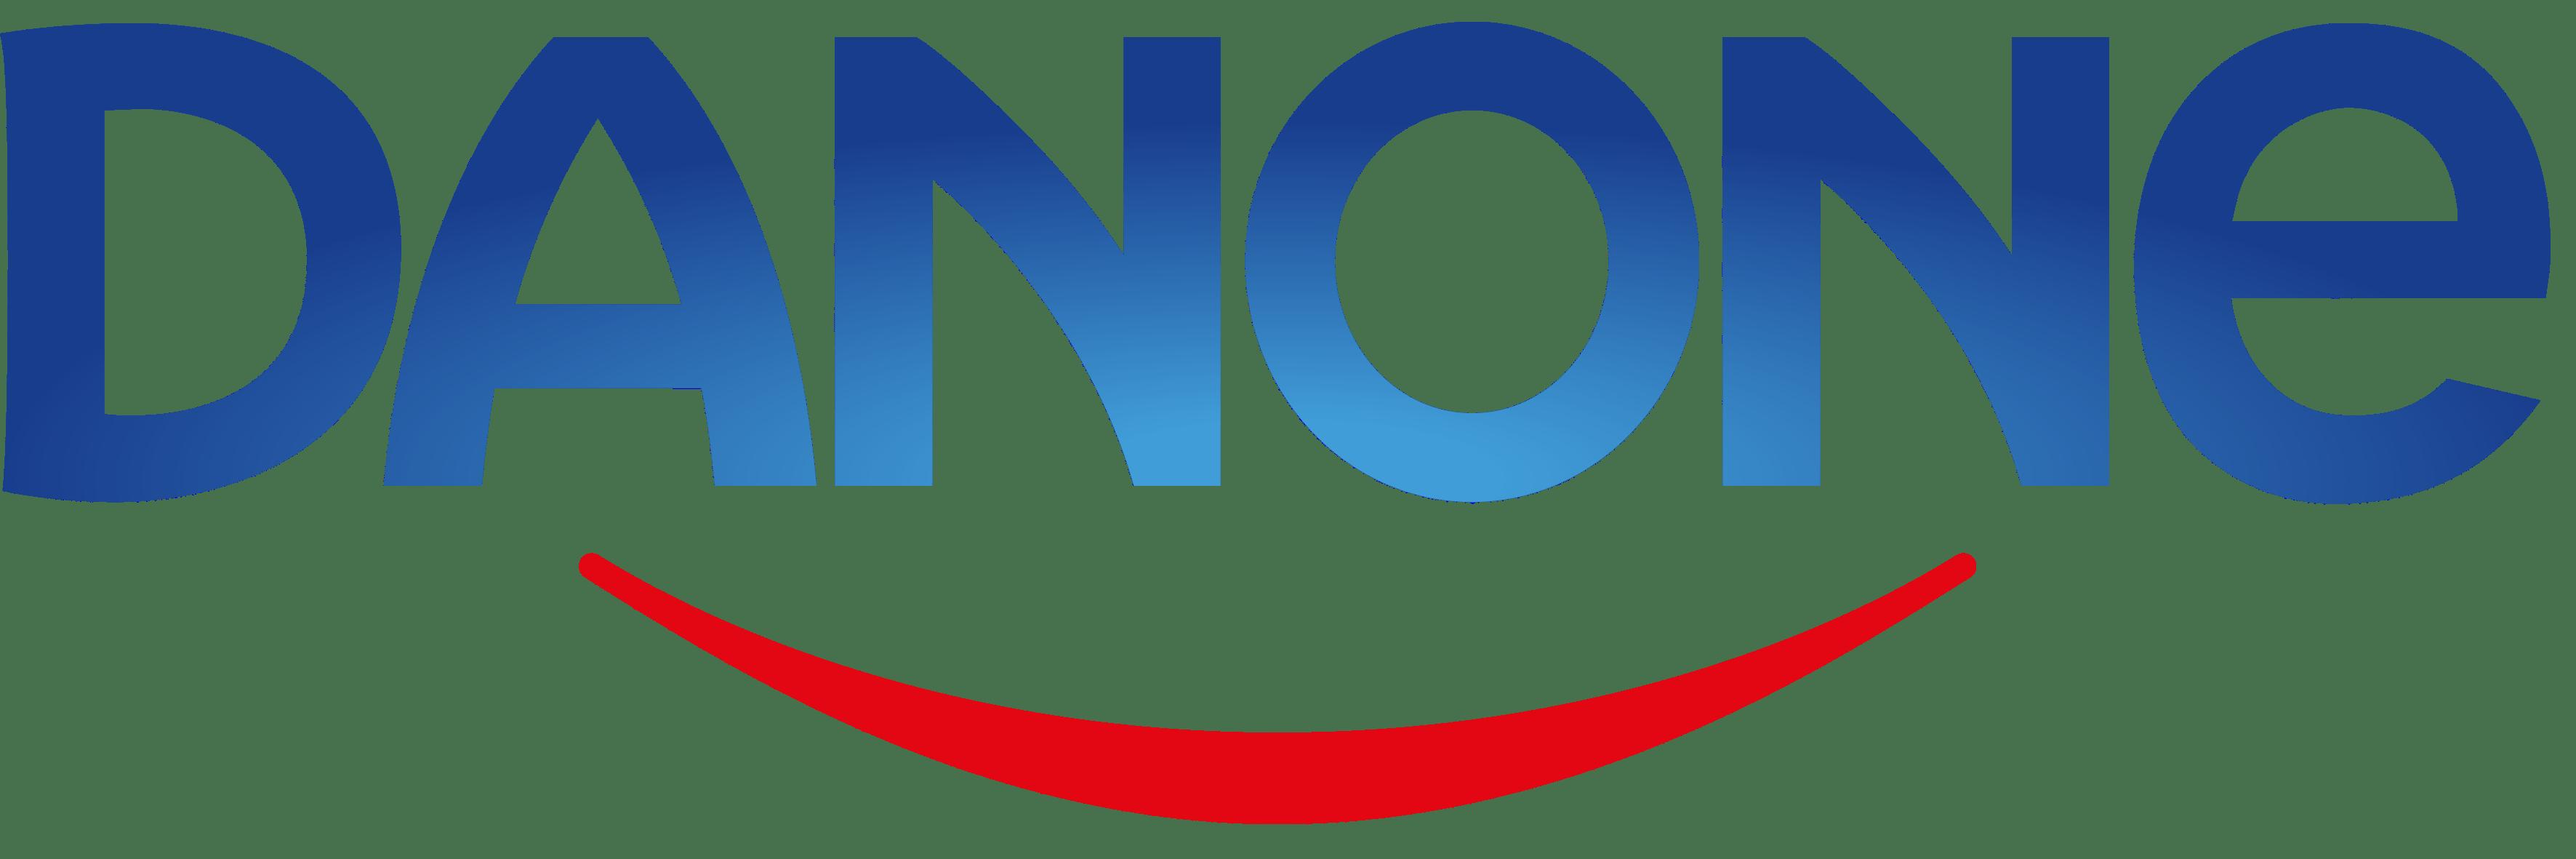 https://i2.wp.com/qualityacademy.org/wp-content/uploads/2019/09/Danone-logo-3513932549-1569055216885.png?ssl=1